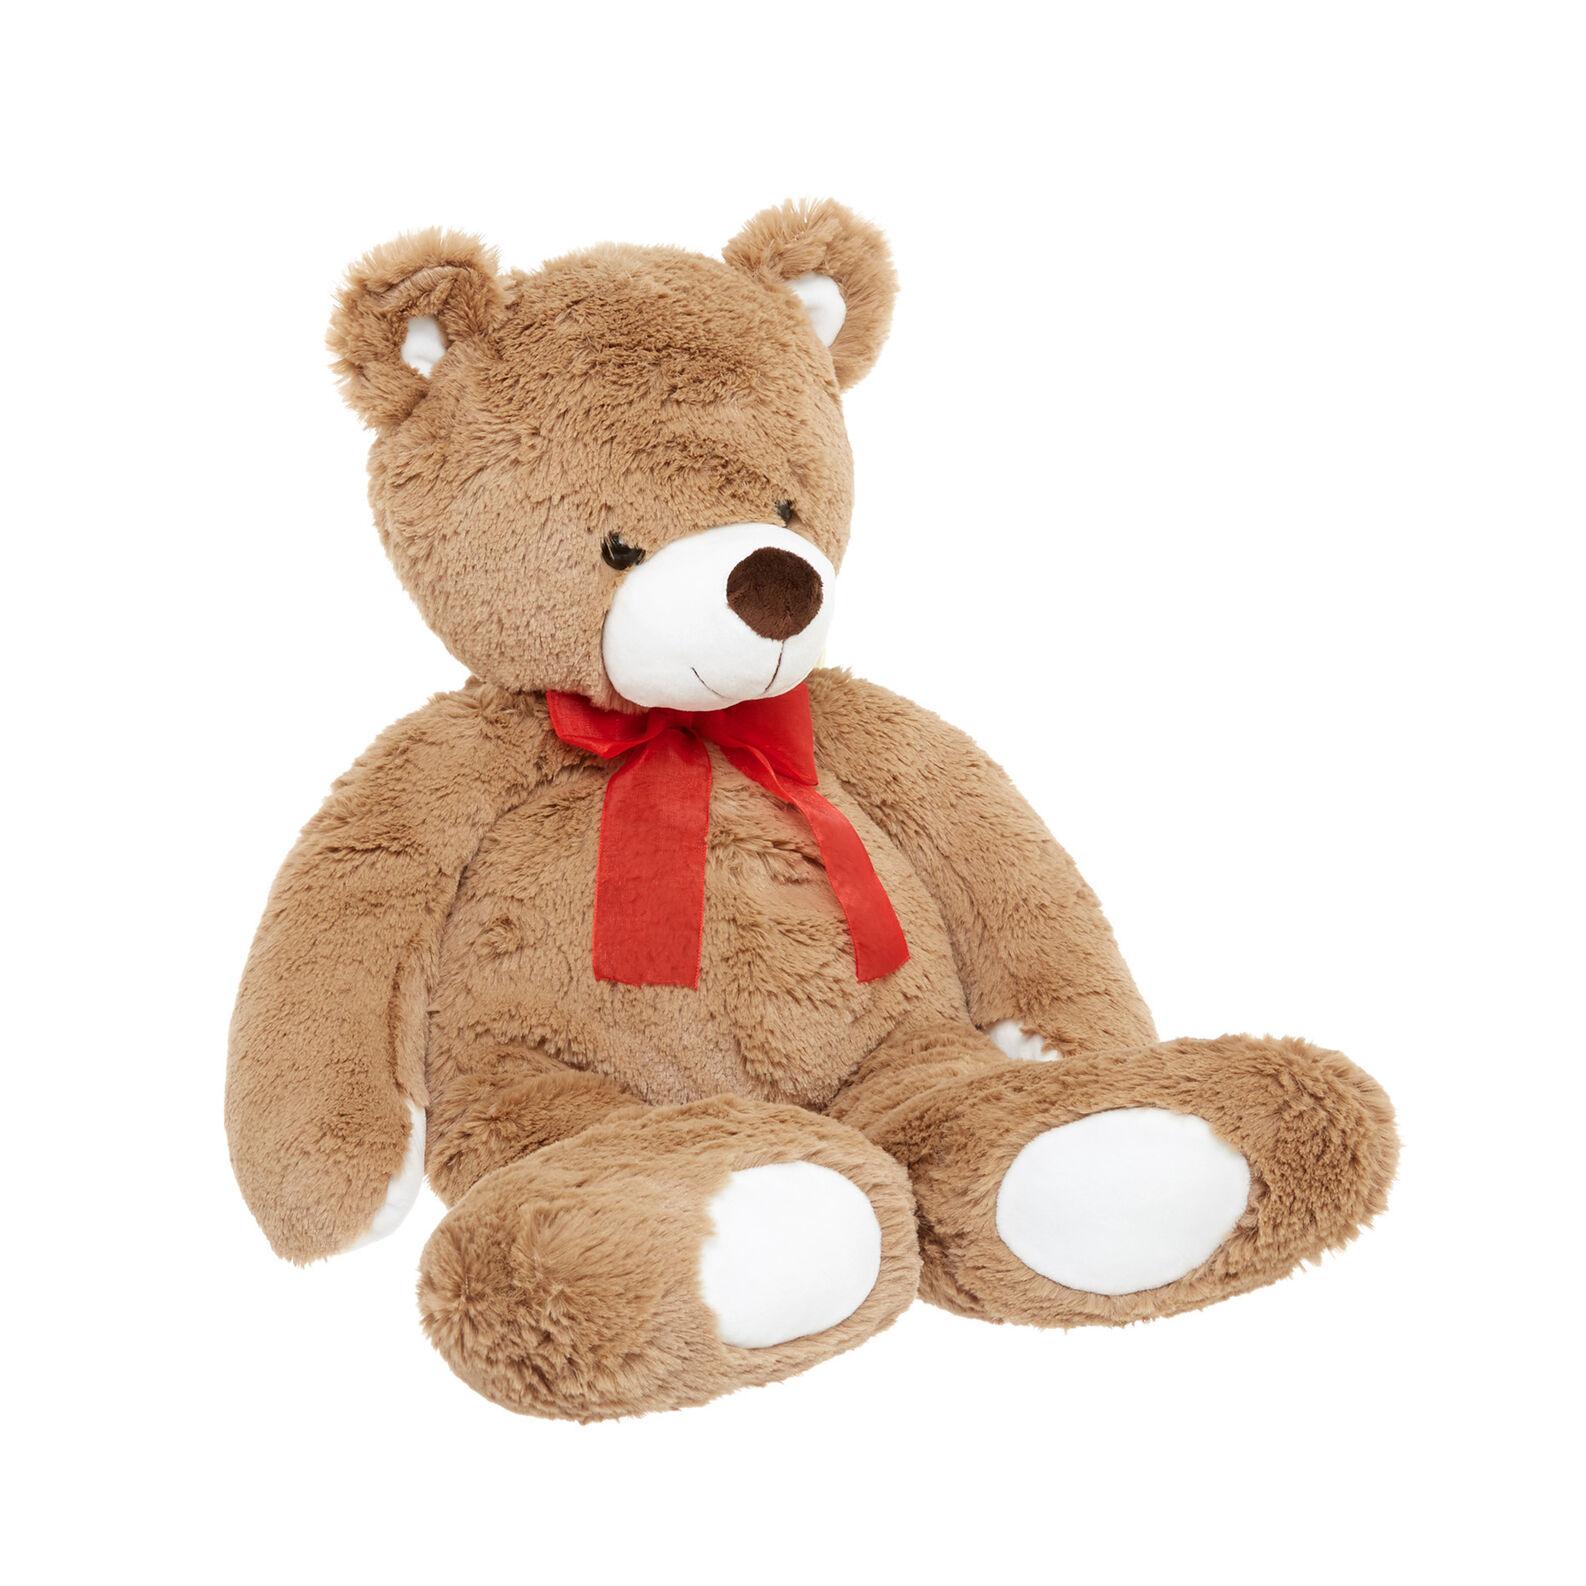 Brown teddy bear soft toy